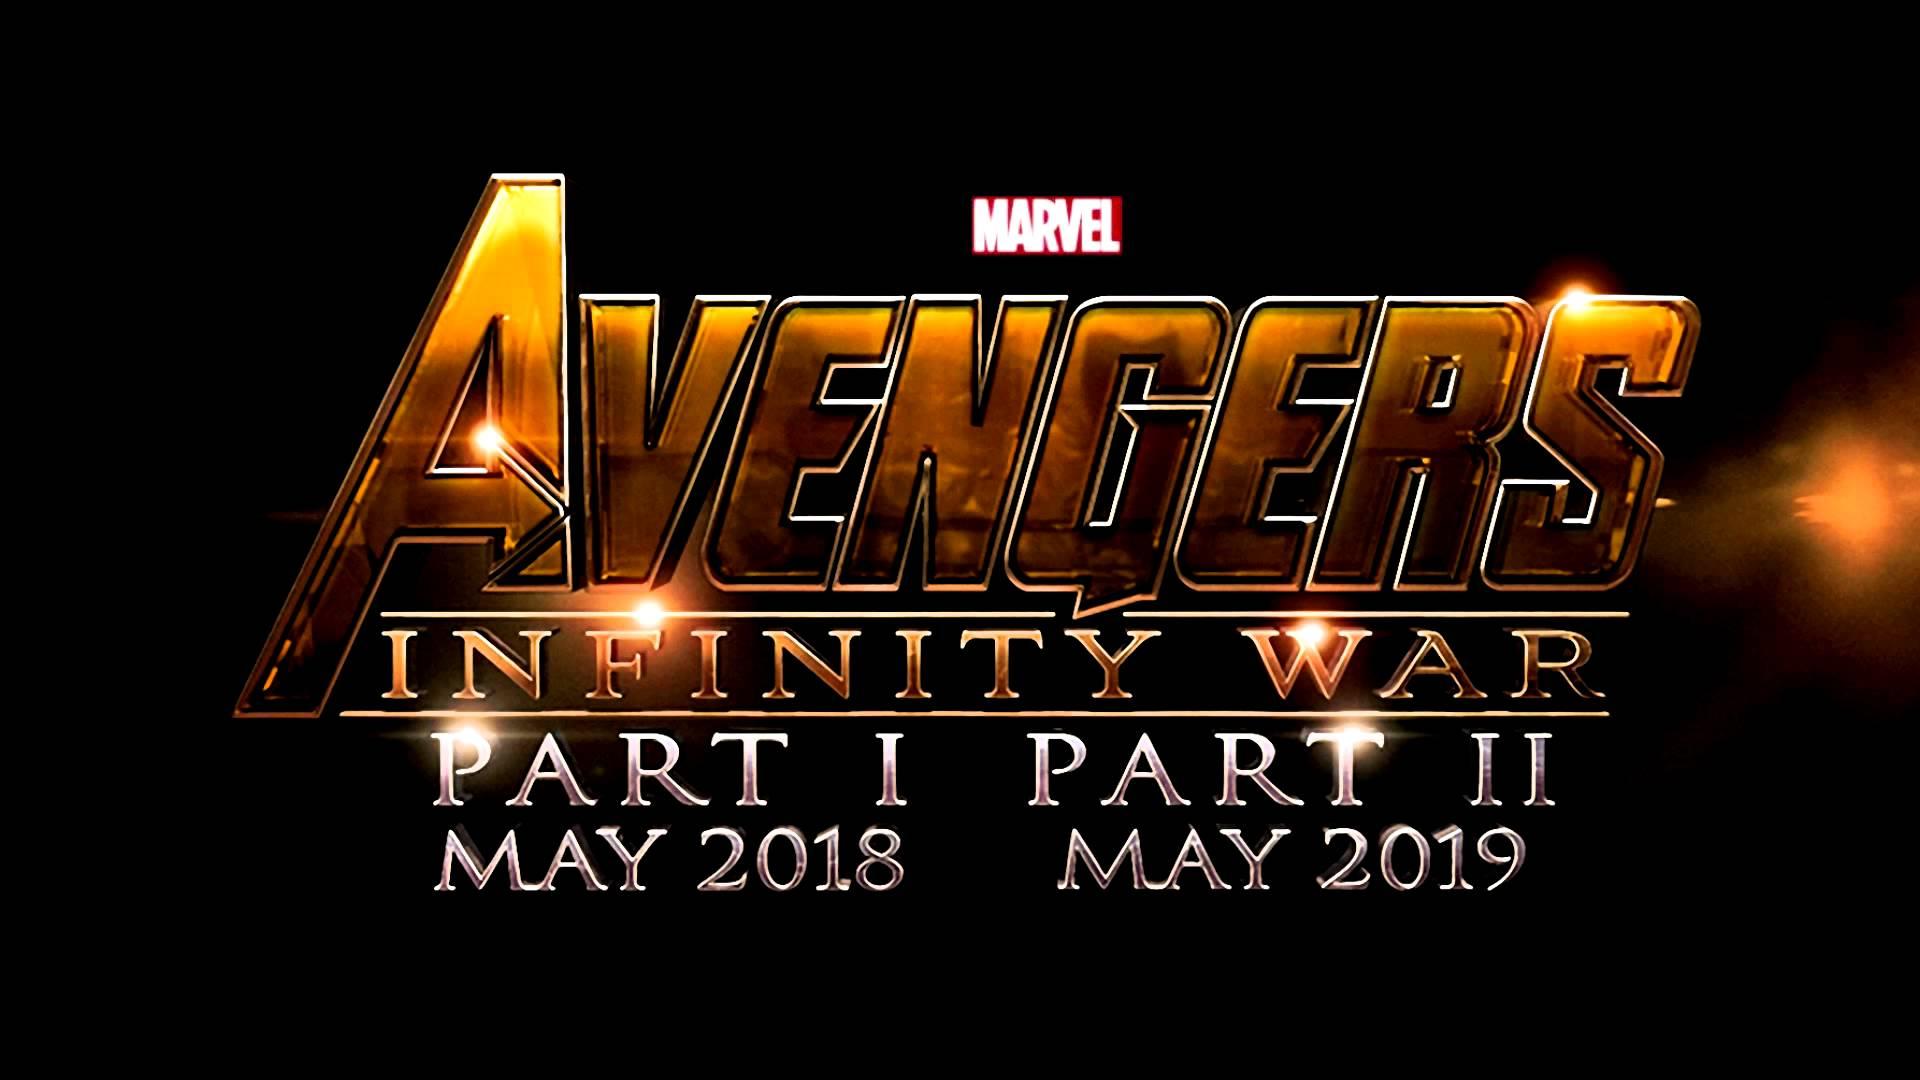 Avengers: Infinity War Parte 1 y 2 tendrán nuevos nombres